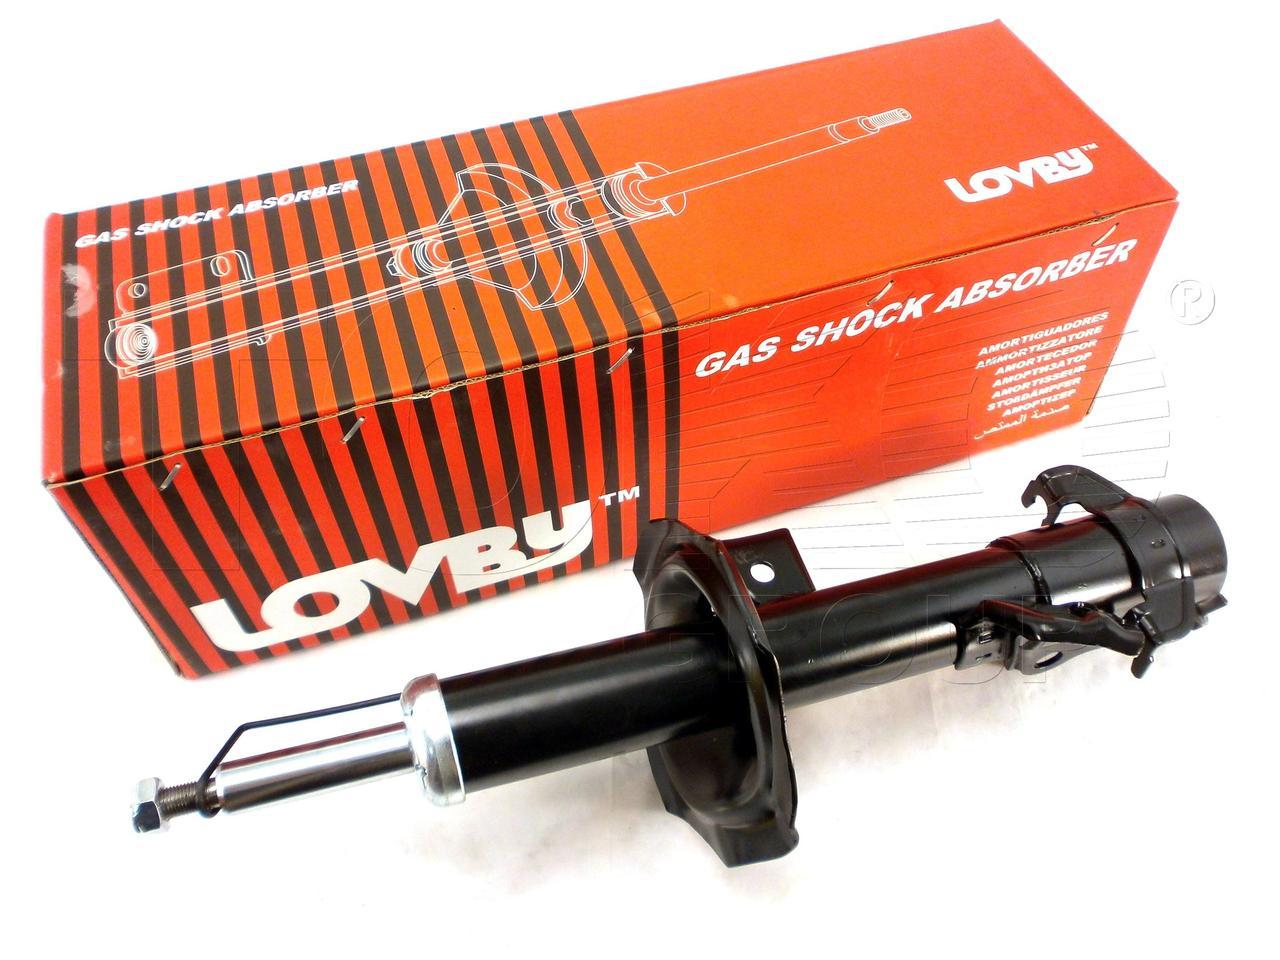 Передний газовый амортизатор Nissan Tiida (X11C) -   Передние стойки амортизаторы Ниссан Тида 54302ED525